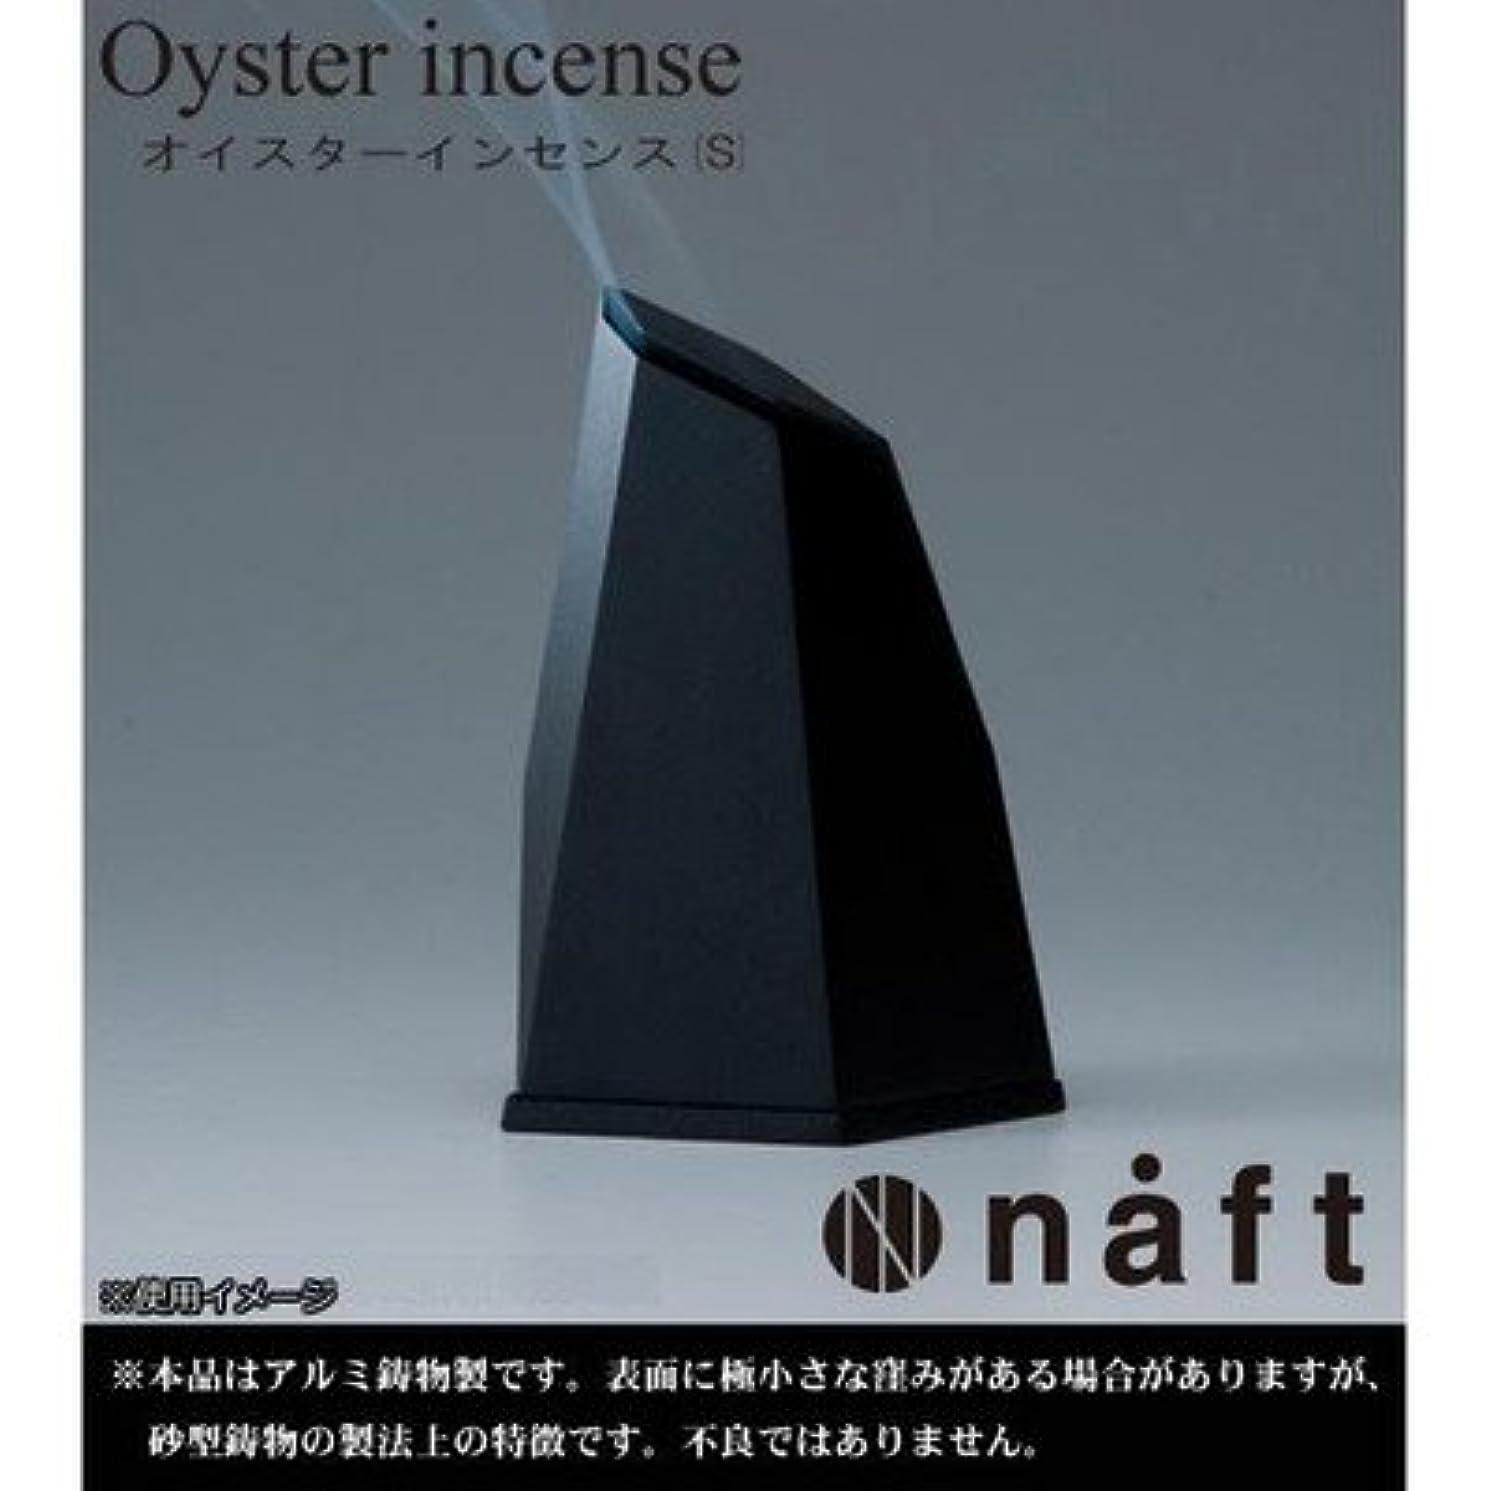 として祖先ハドルシンプルだけどインパクトのあるフォルム naft Oyster incense オイスターインセンス 香炉 Sサイズ ブラック